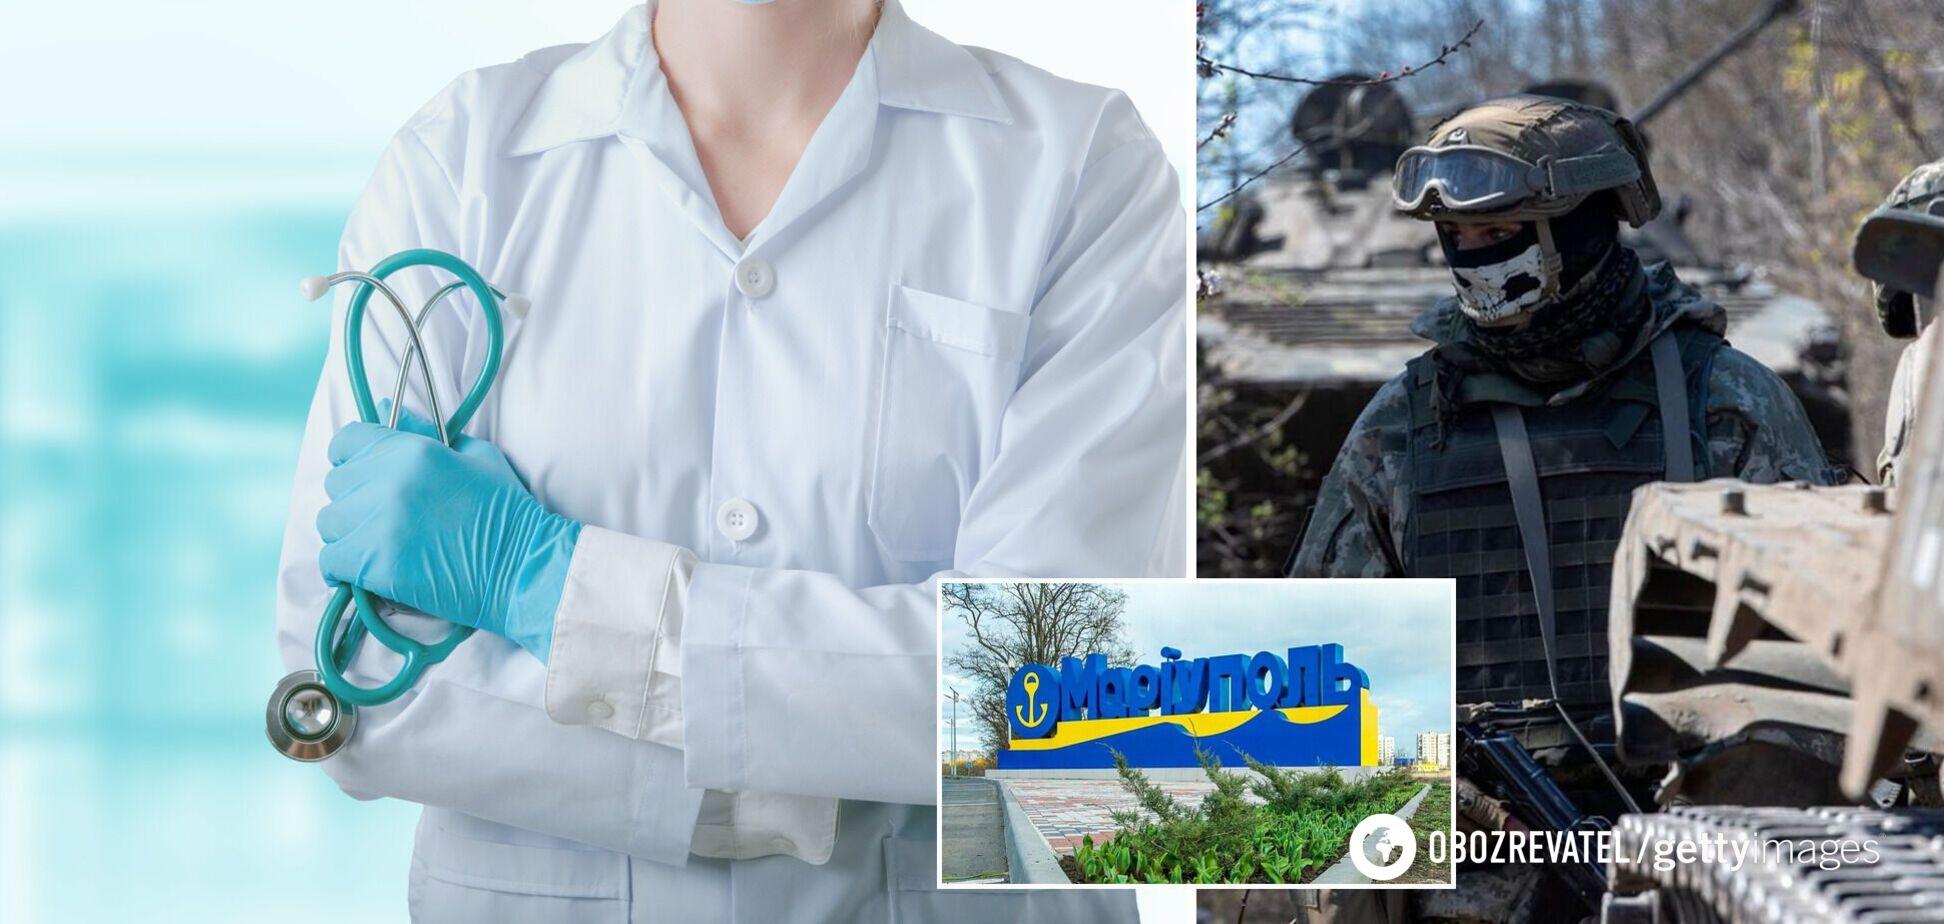 У Маріуполі лікарка назвала військових 'вбивцями' і попросила говорити російською